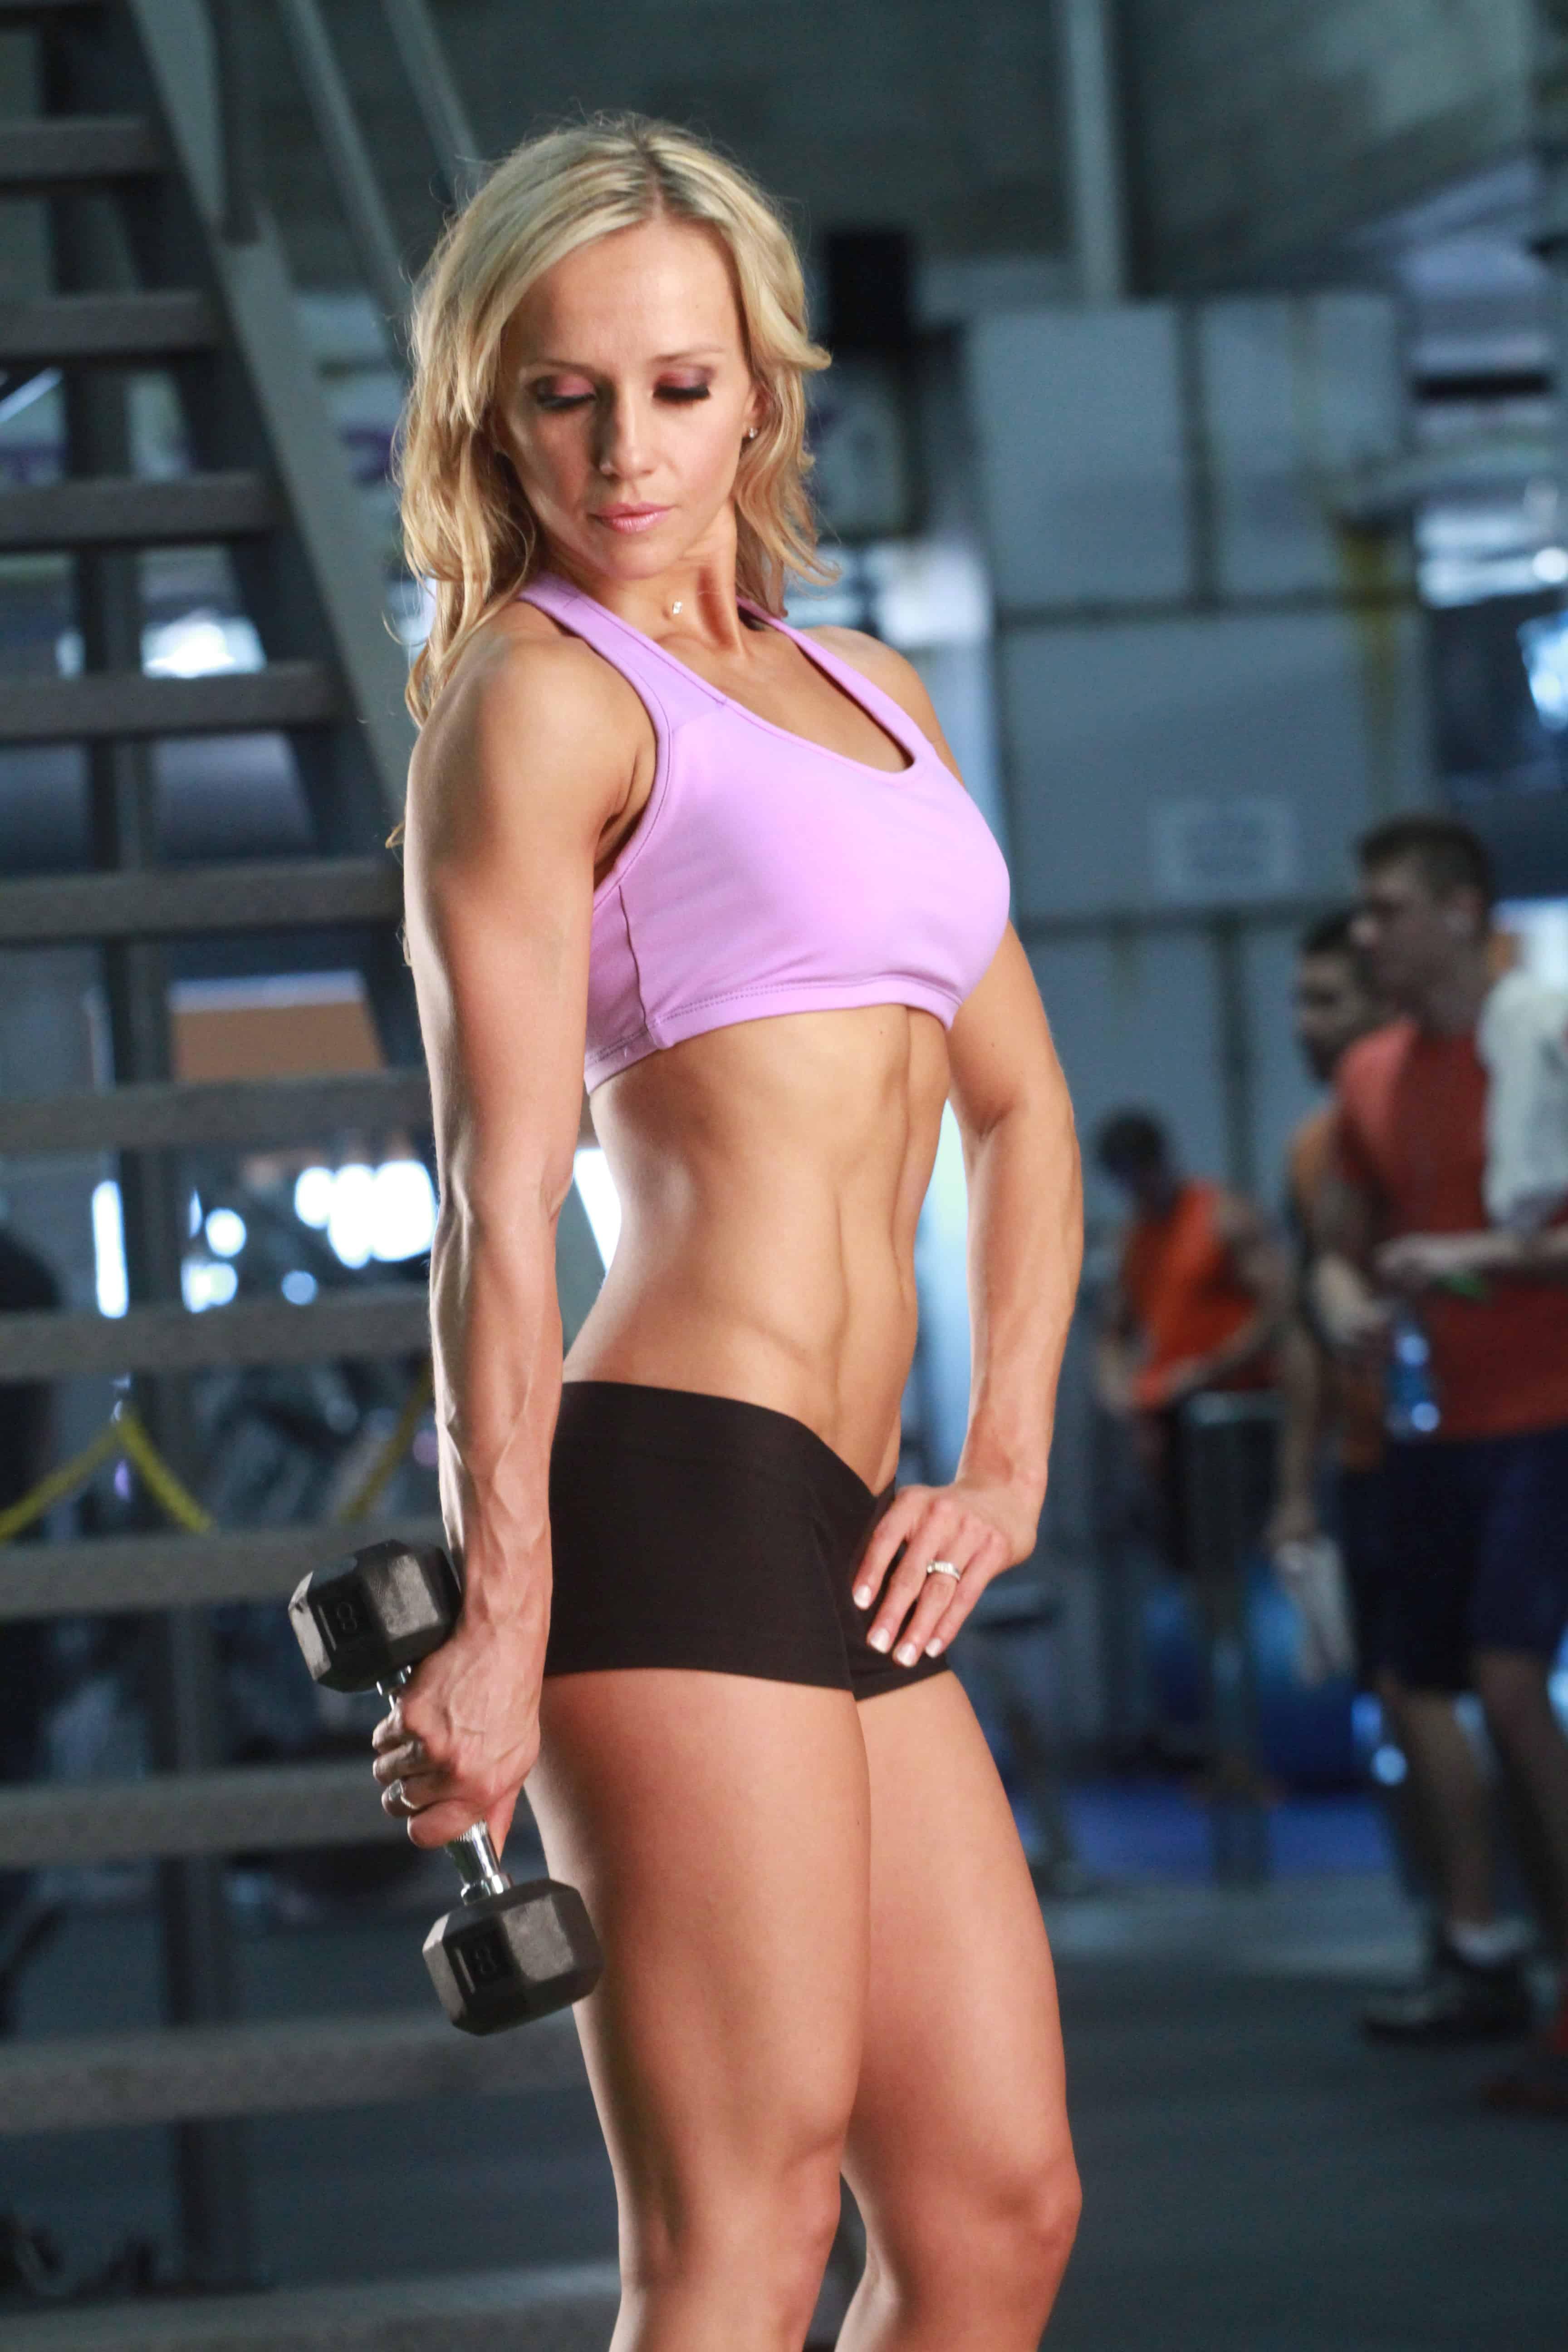 Shoulder Press Exercise For Women